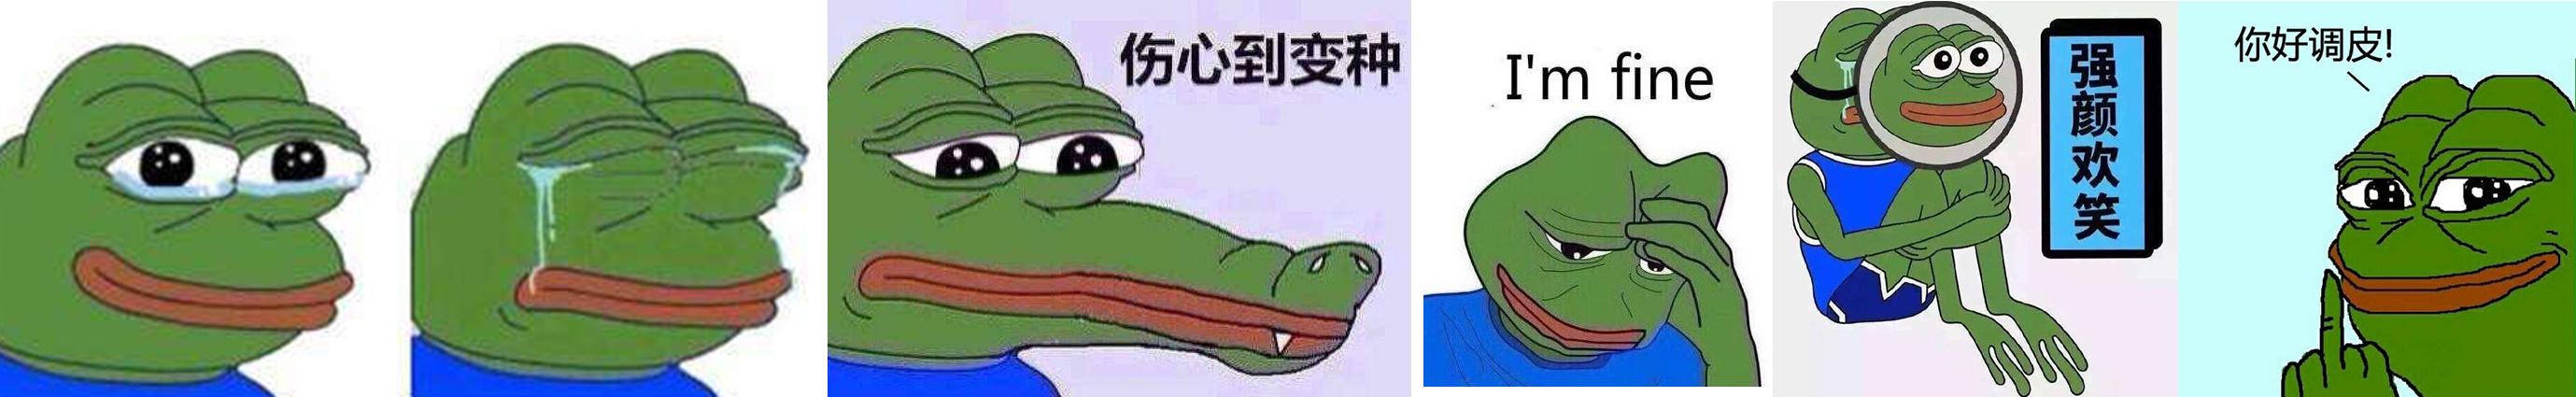 """这只青蛙是第一个被人类""""杀死""""的表情包 你知道它叫什么吗? 趣事儿 第4张"""